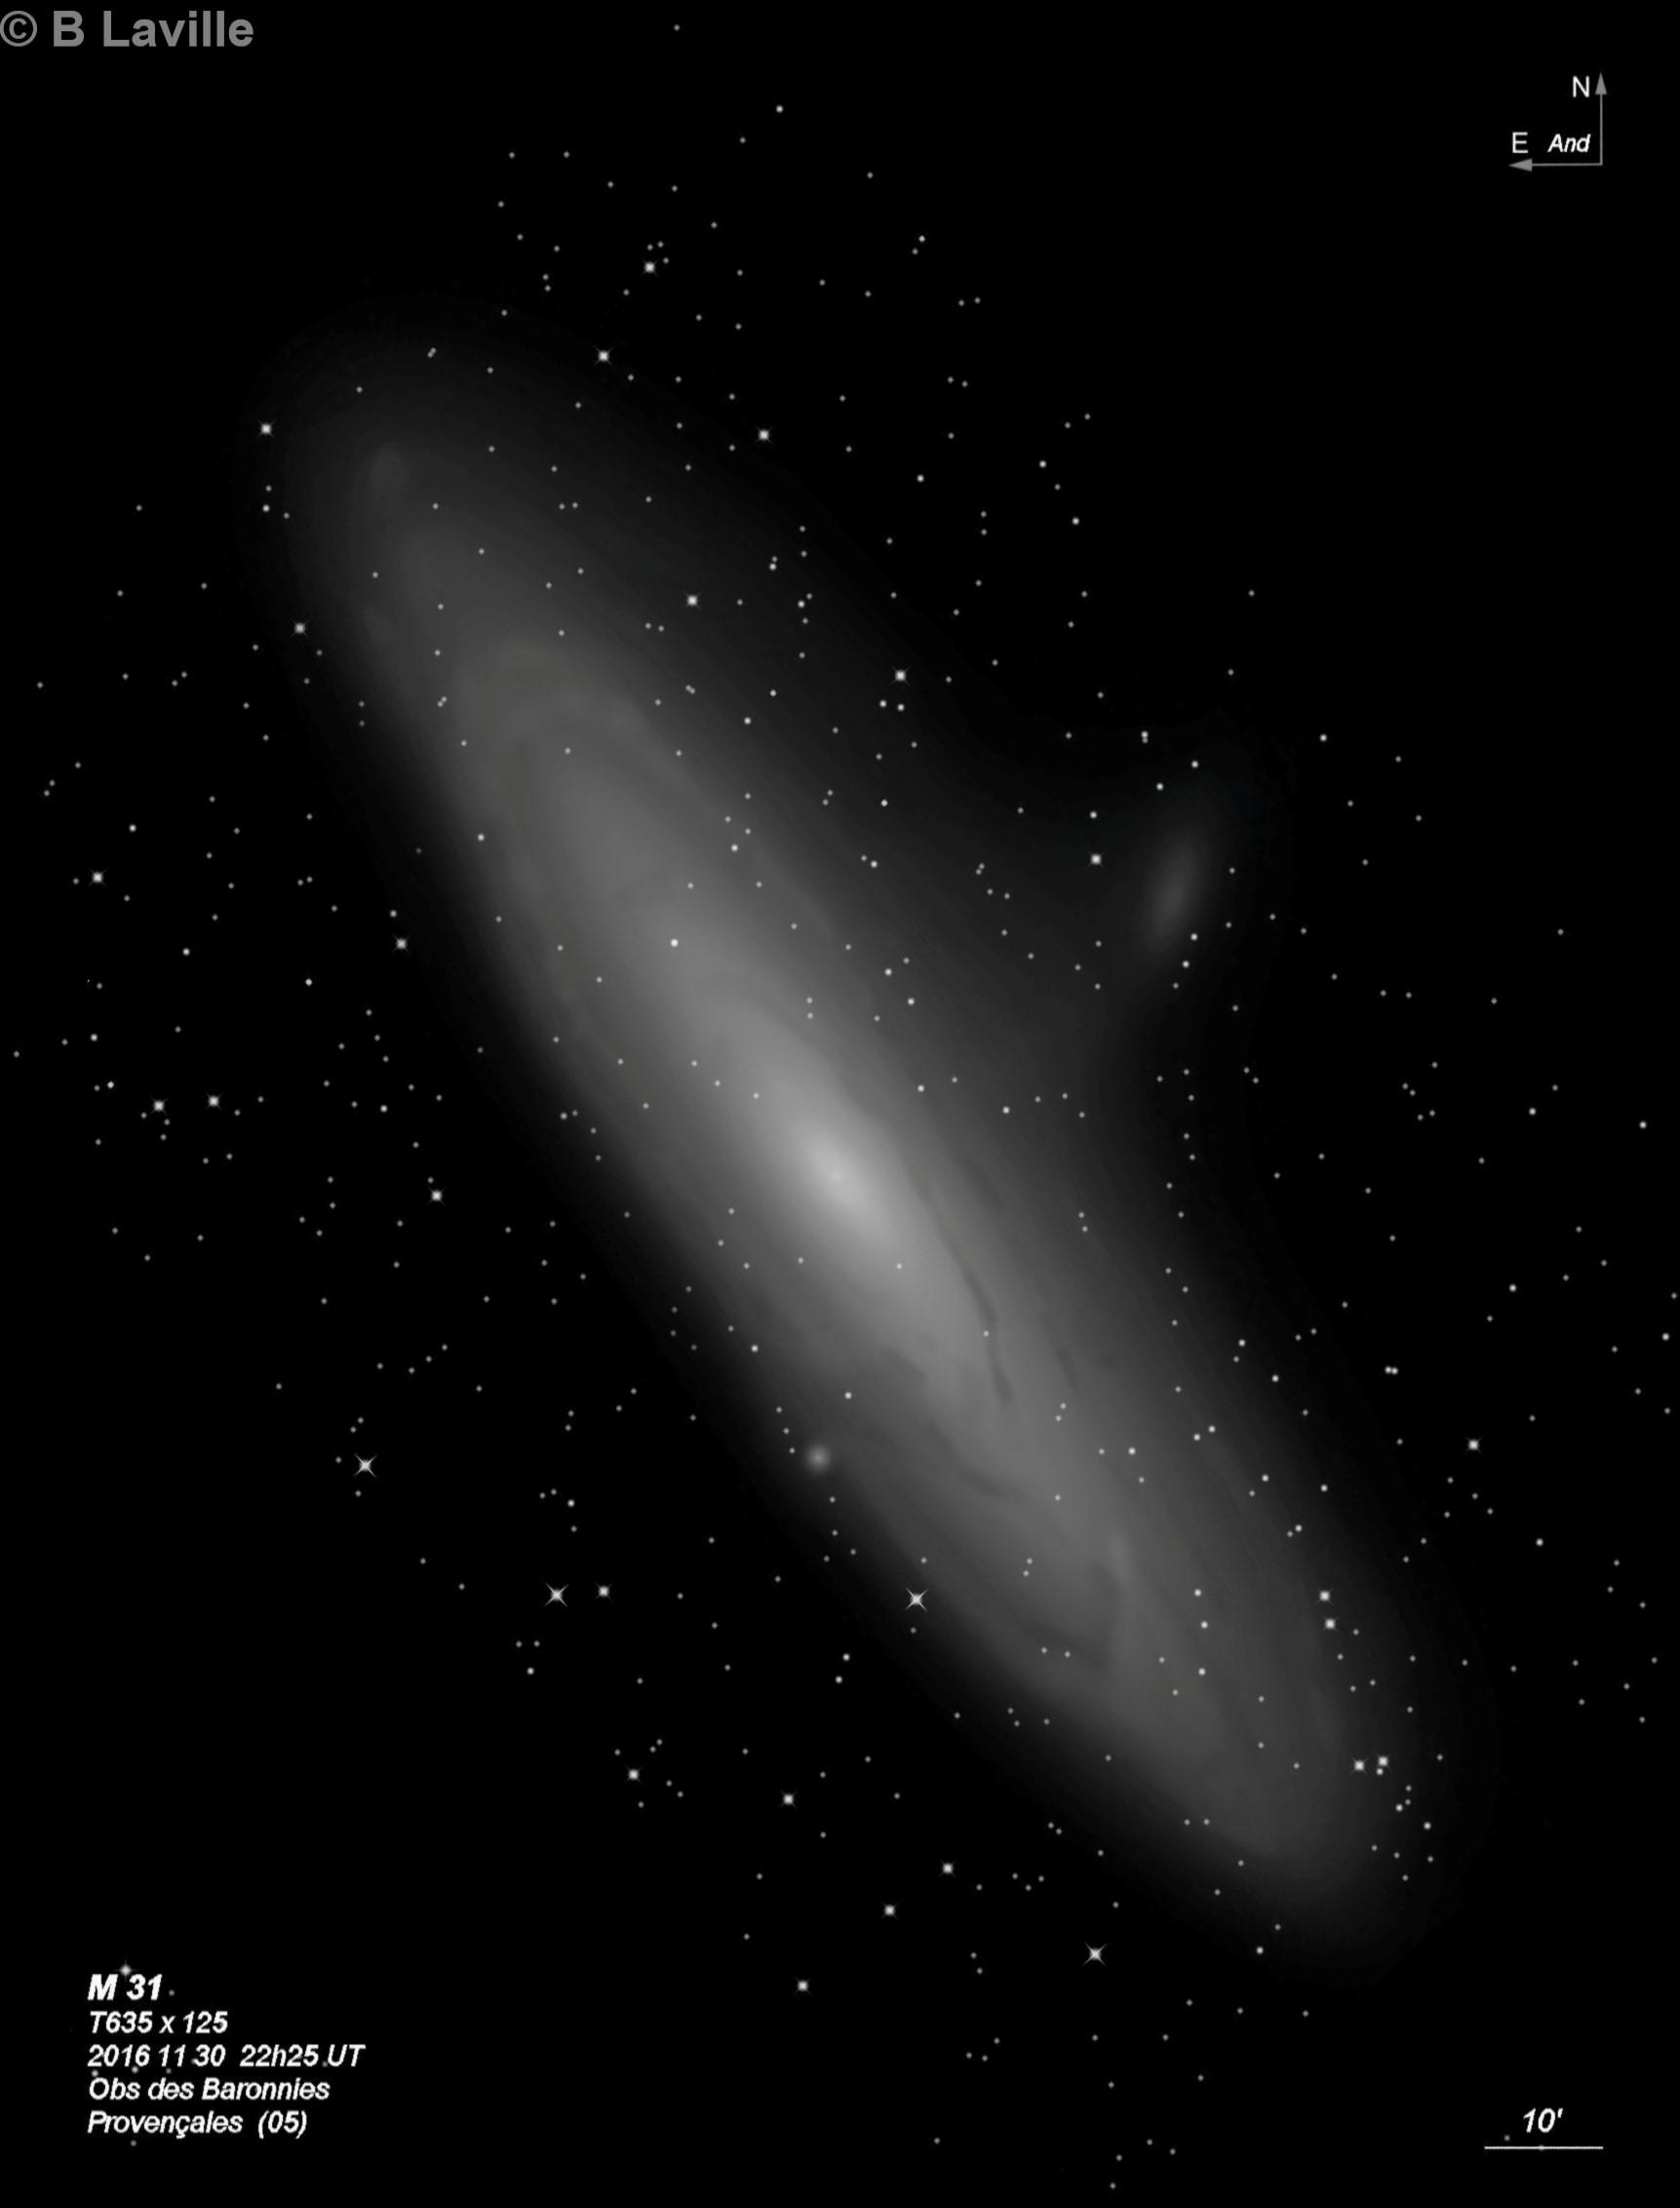 M 31 32 110  NGC 206